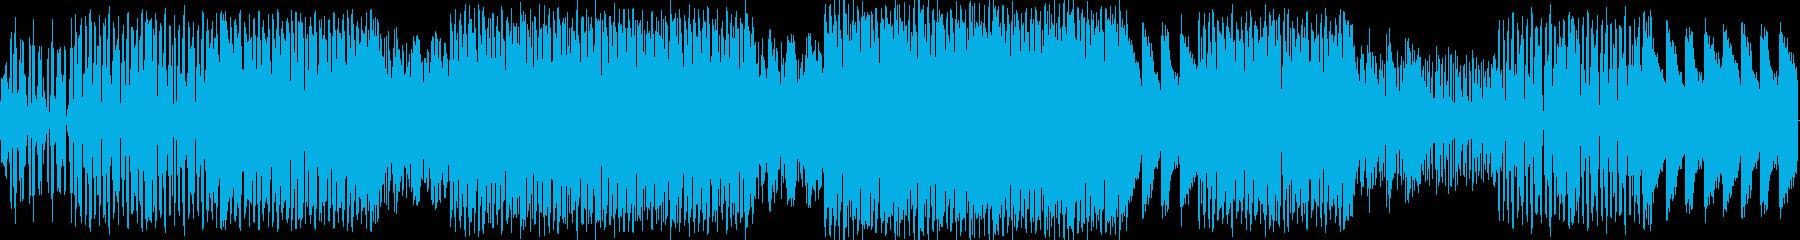 エレクトロハウス。ランニング。繰り...の再生済みの波形